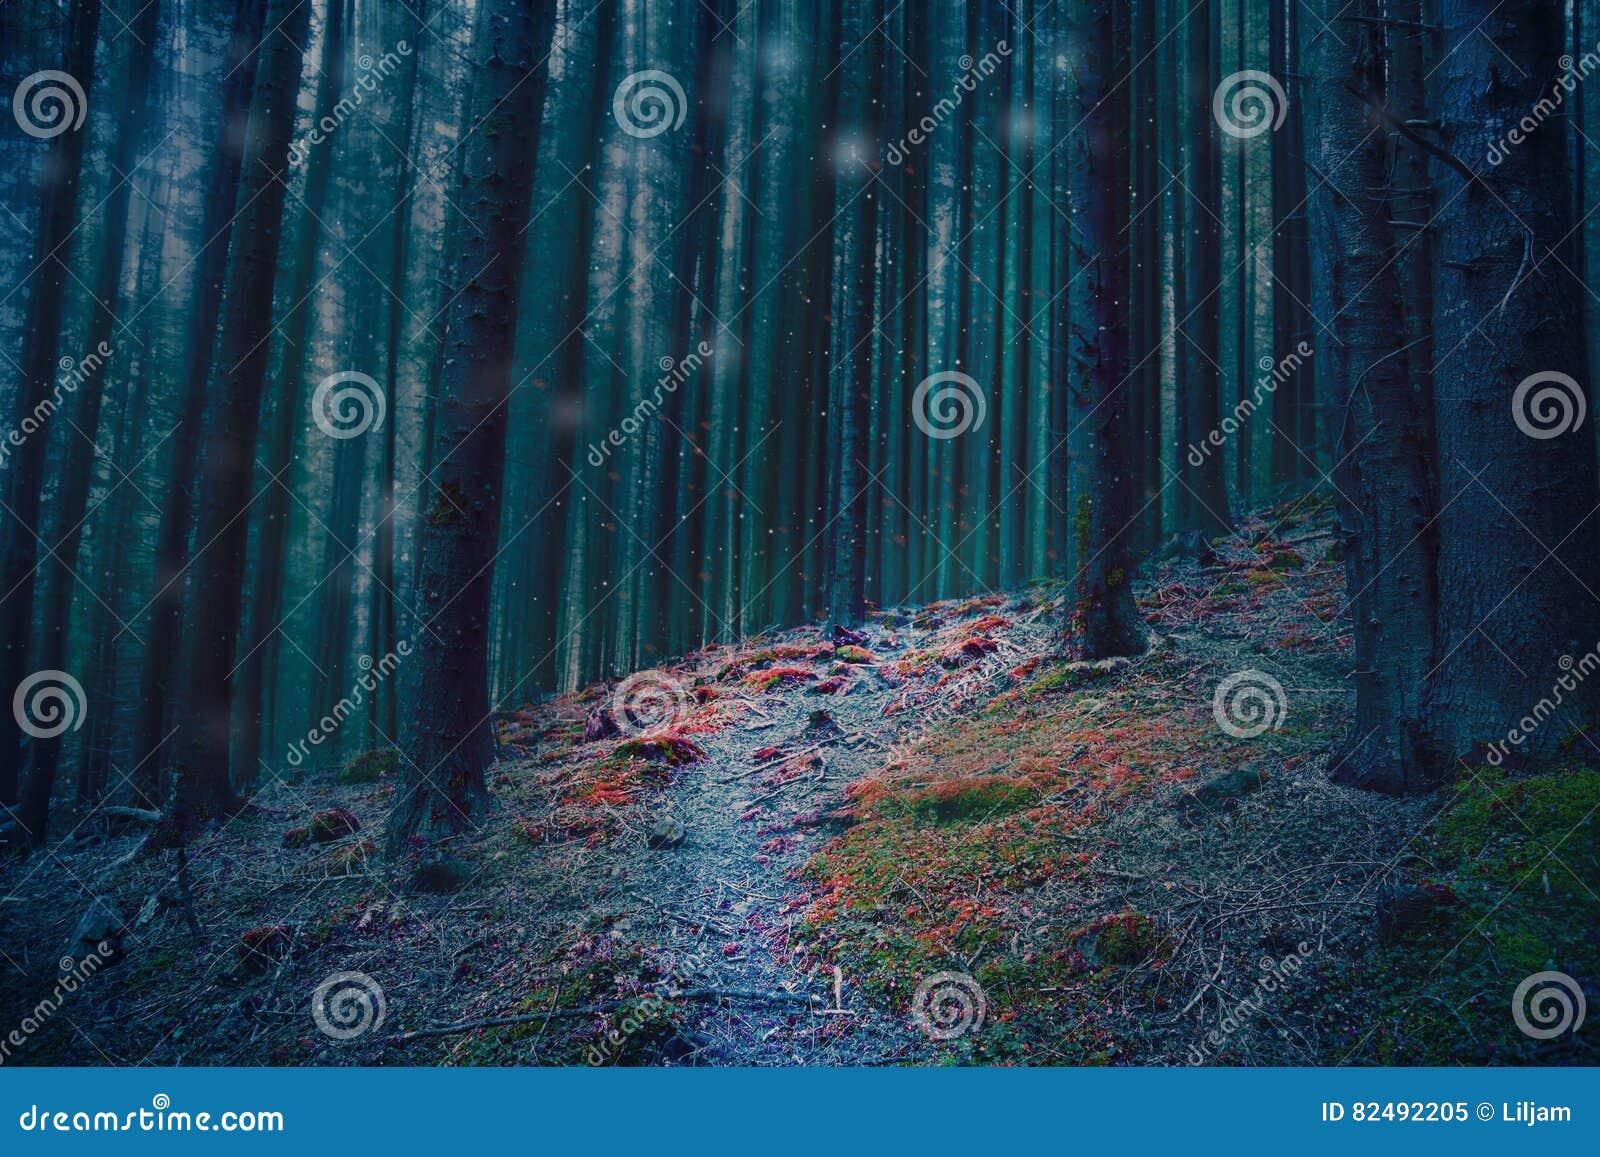 Μαγική δασική πορεία στα ξύλα με τα μπλε δέντρα και το κόκκινο βρύο